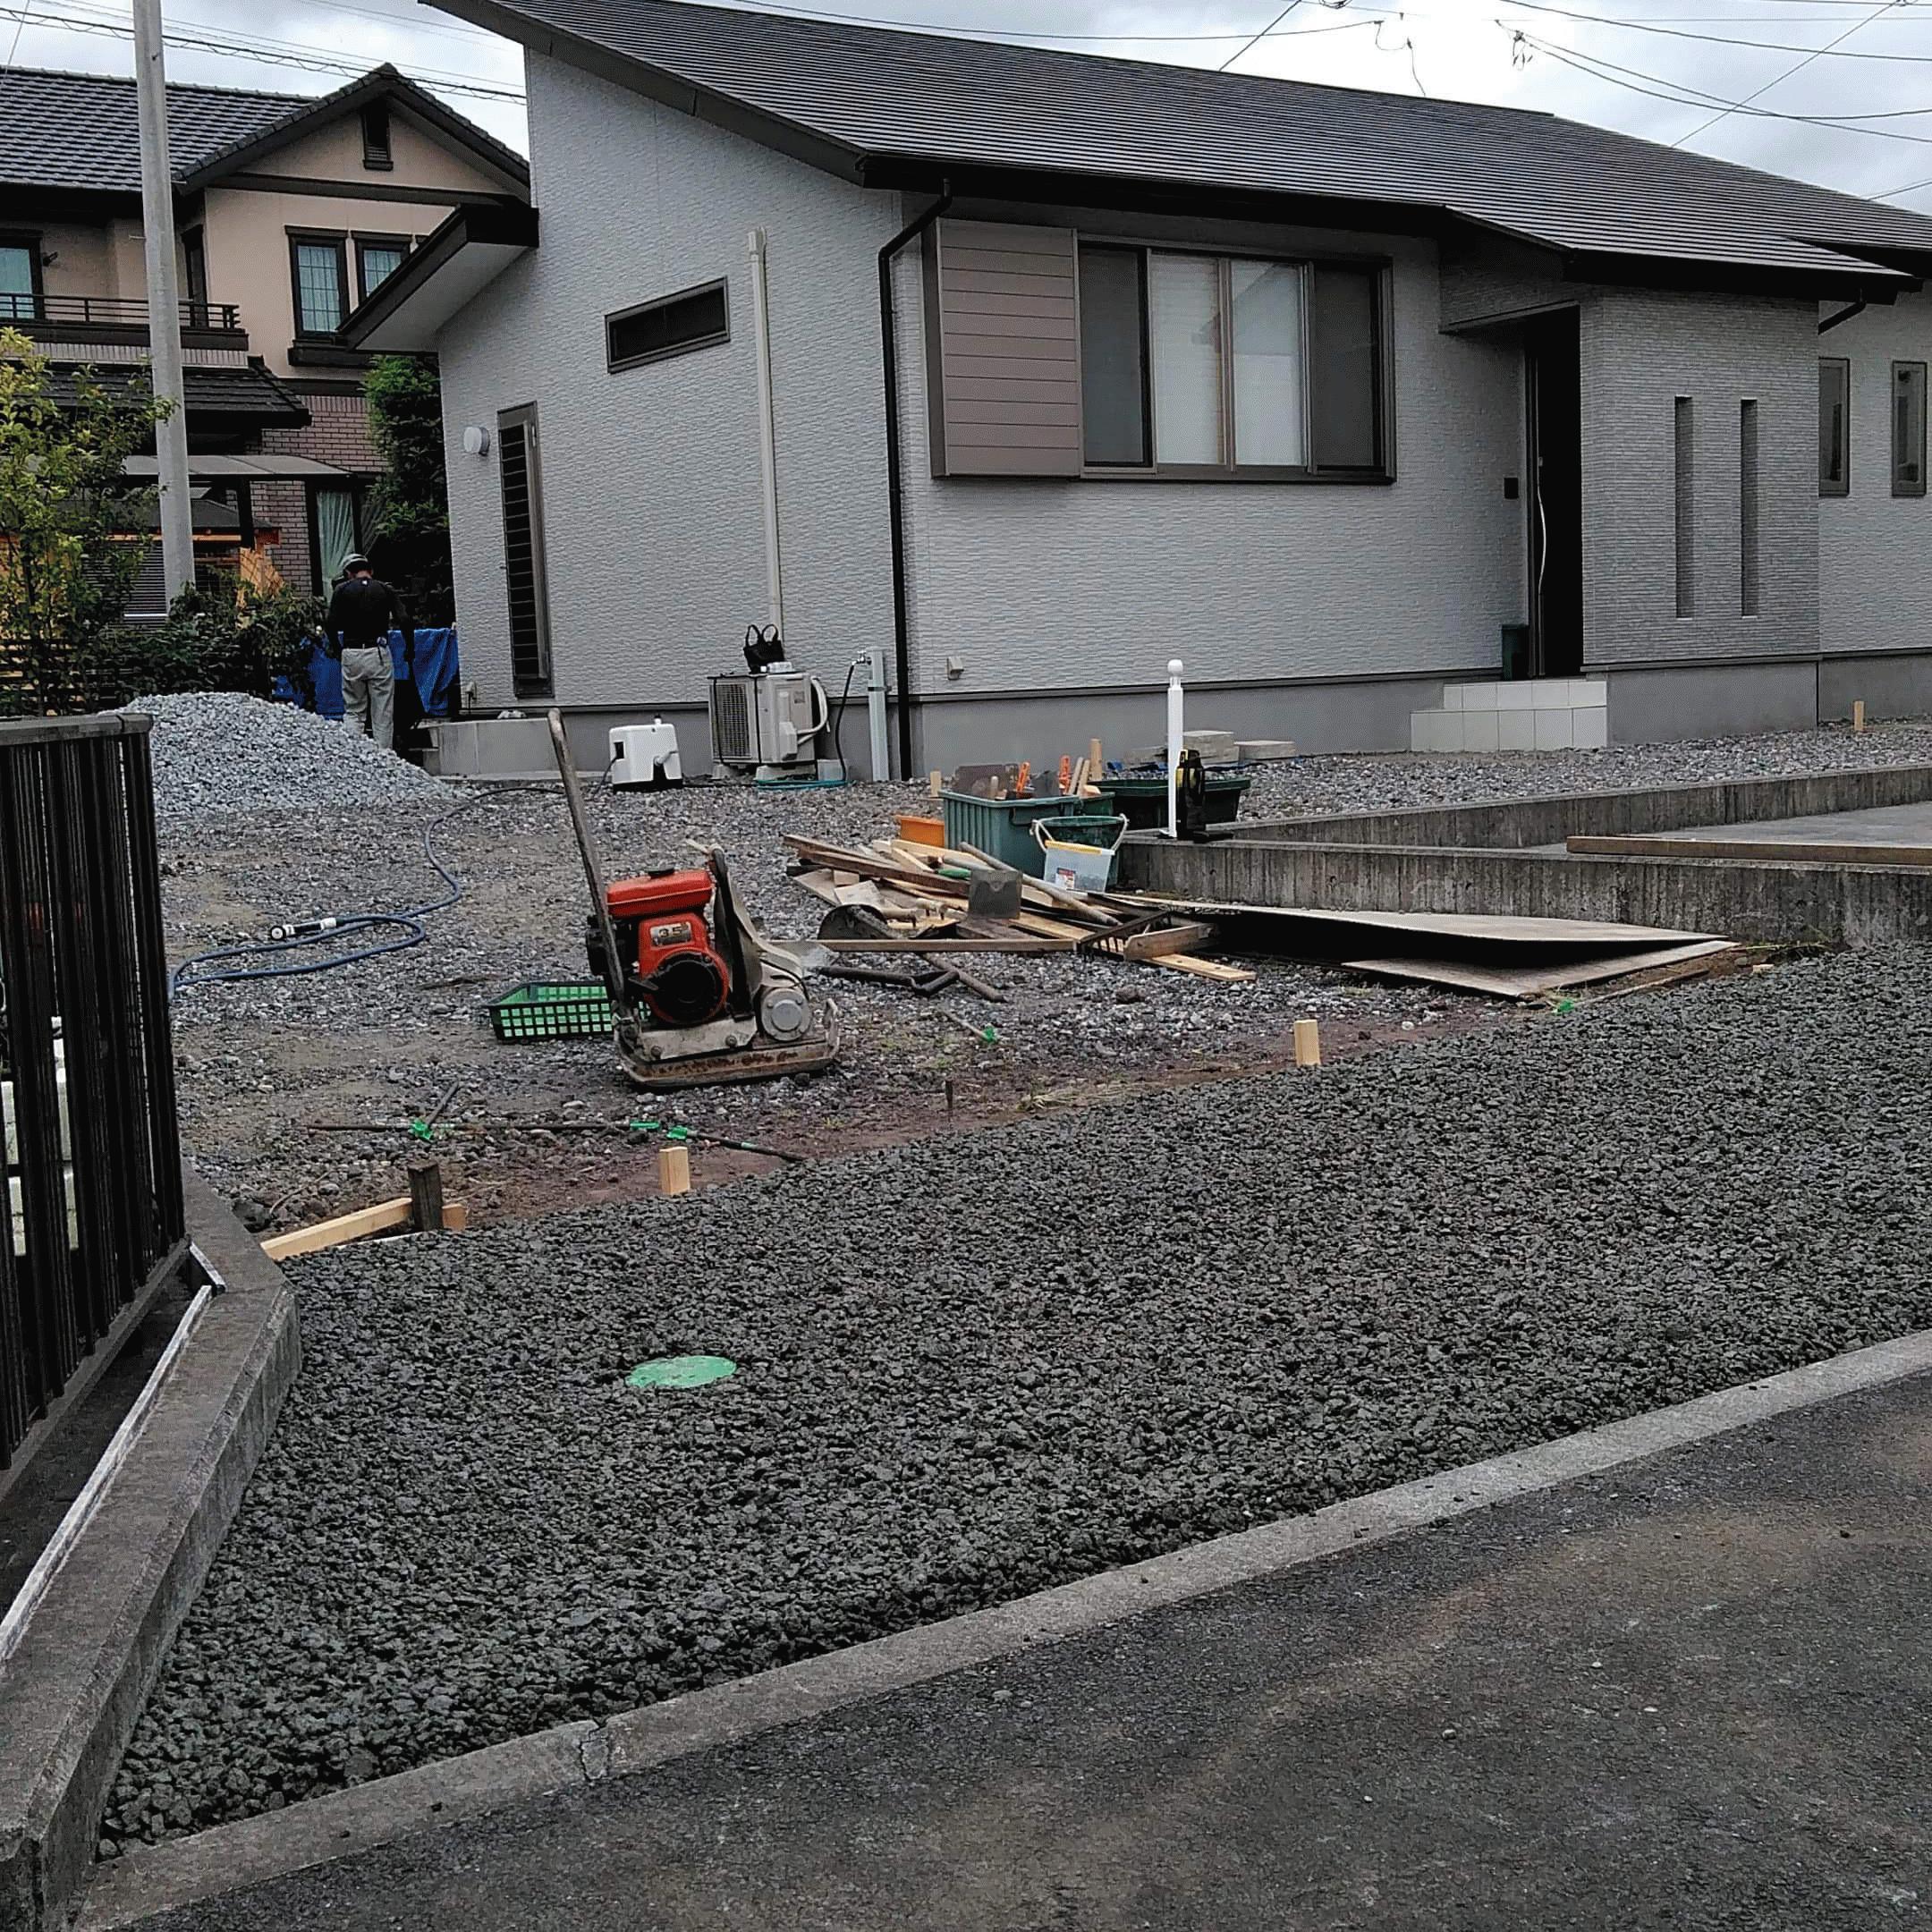 【静岡】《小規模対応》「舗装といえば水を通すコンクリートだよね」富士西麓ガーデン